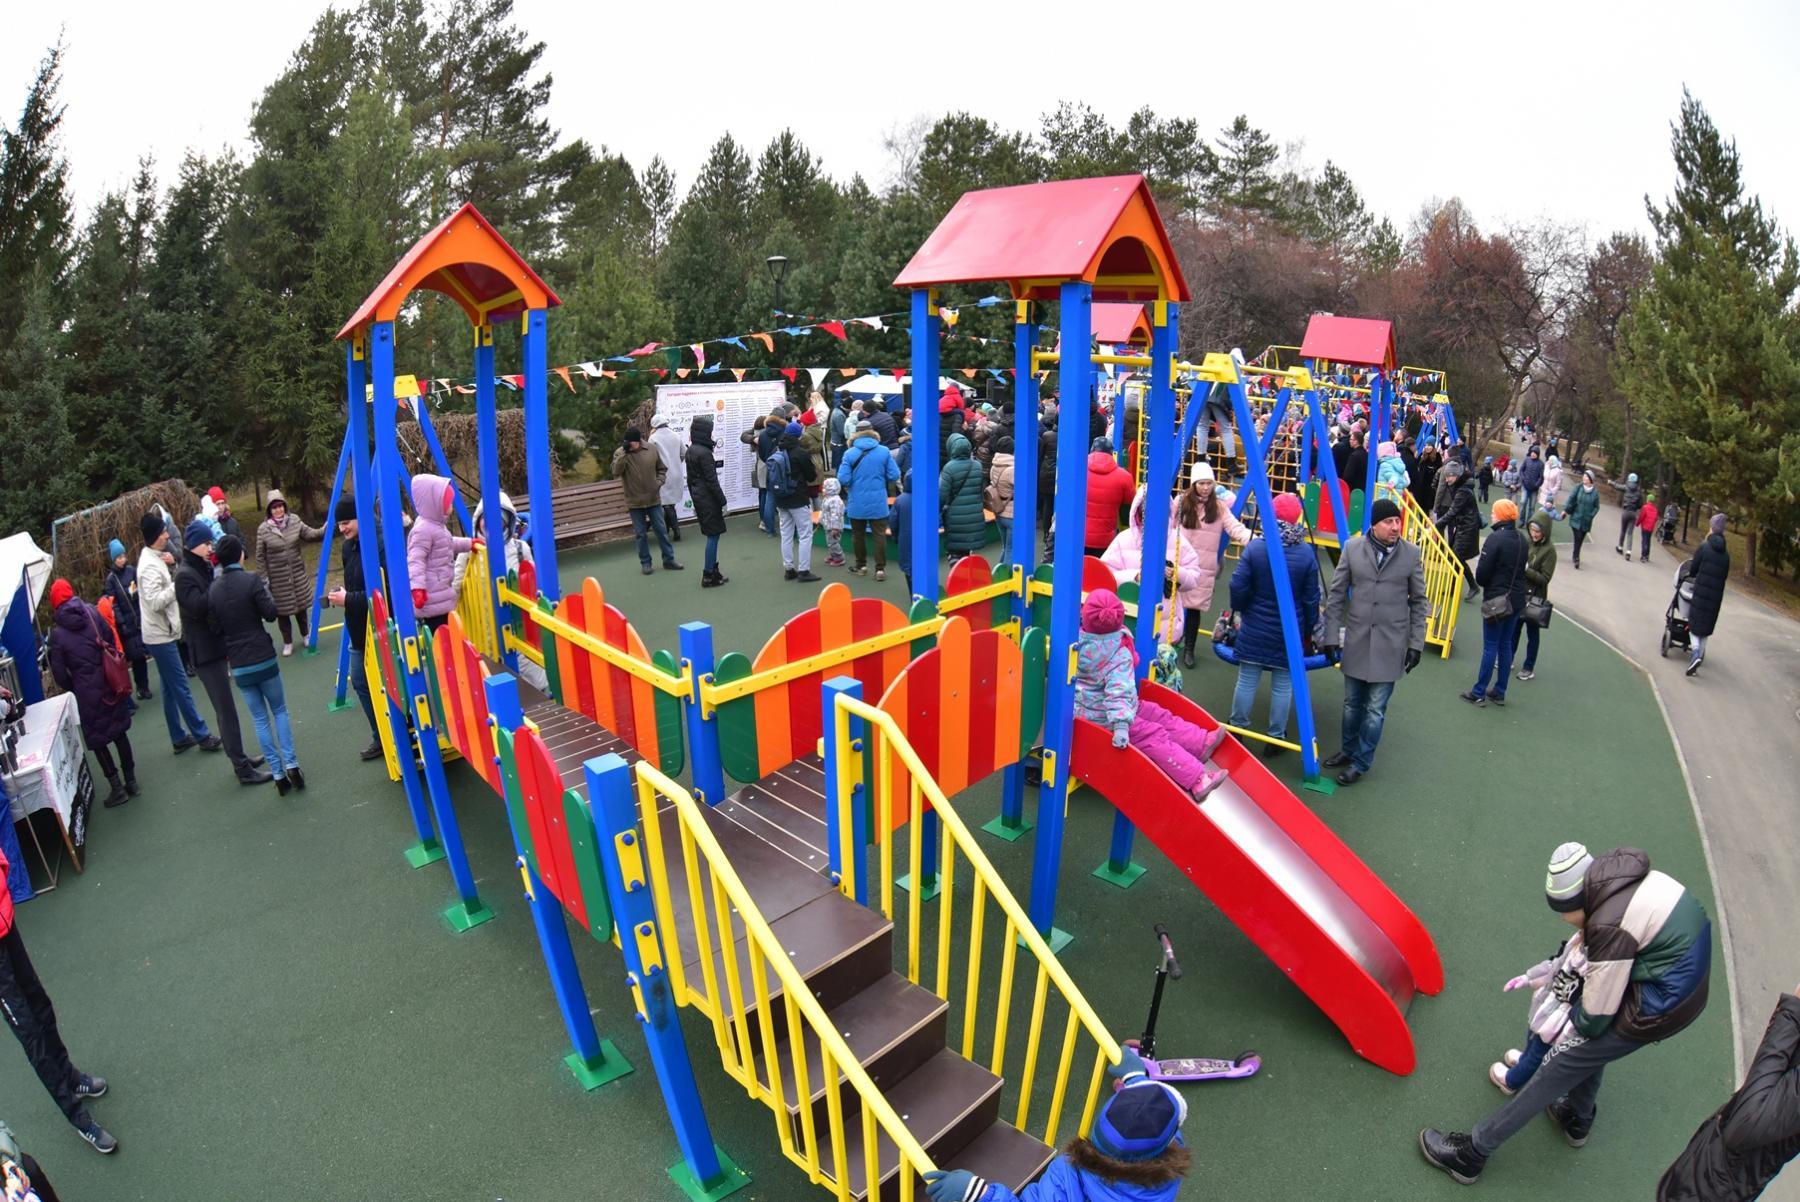 Фото В новосибирском Сквере Славы открыли детскую площадку, построенную при финансовой поддержке Сбербанка 2